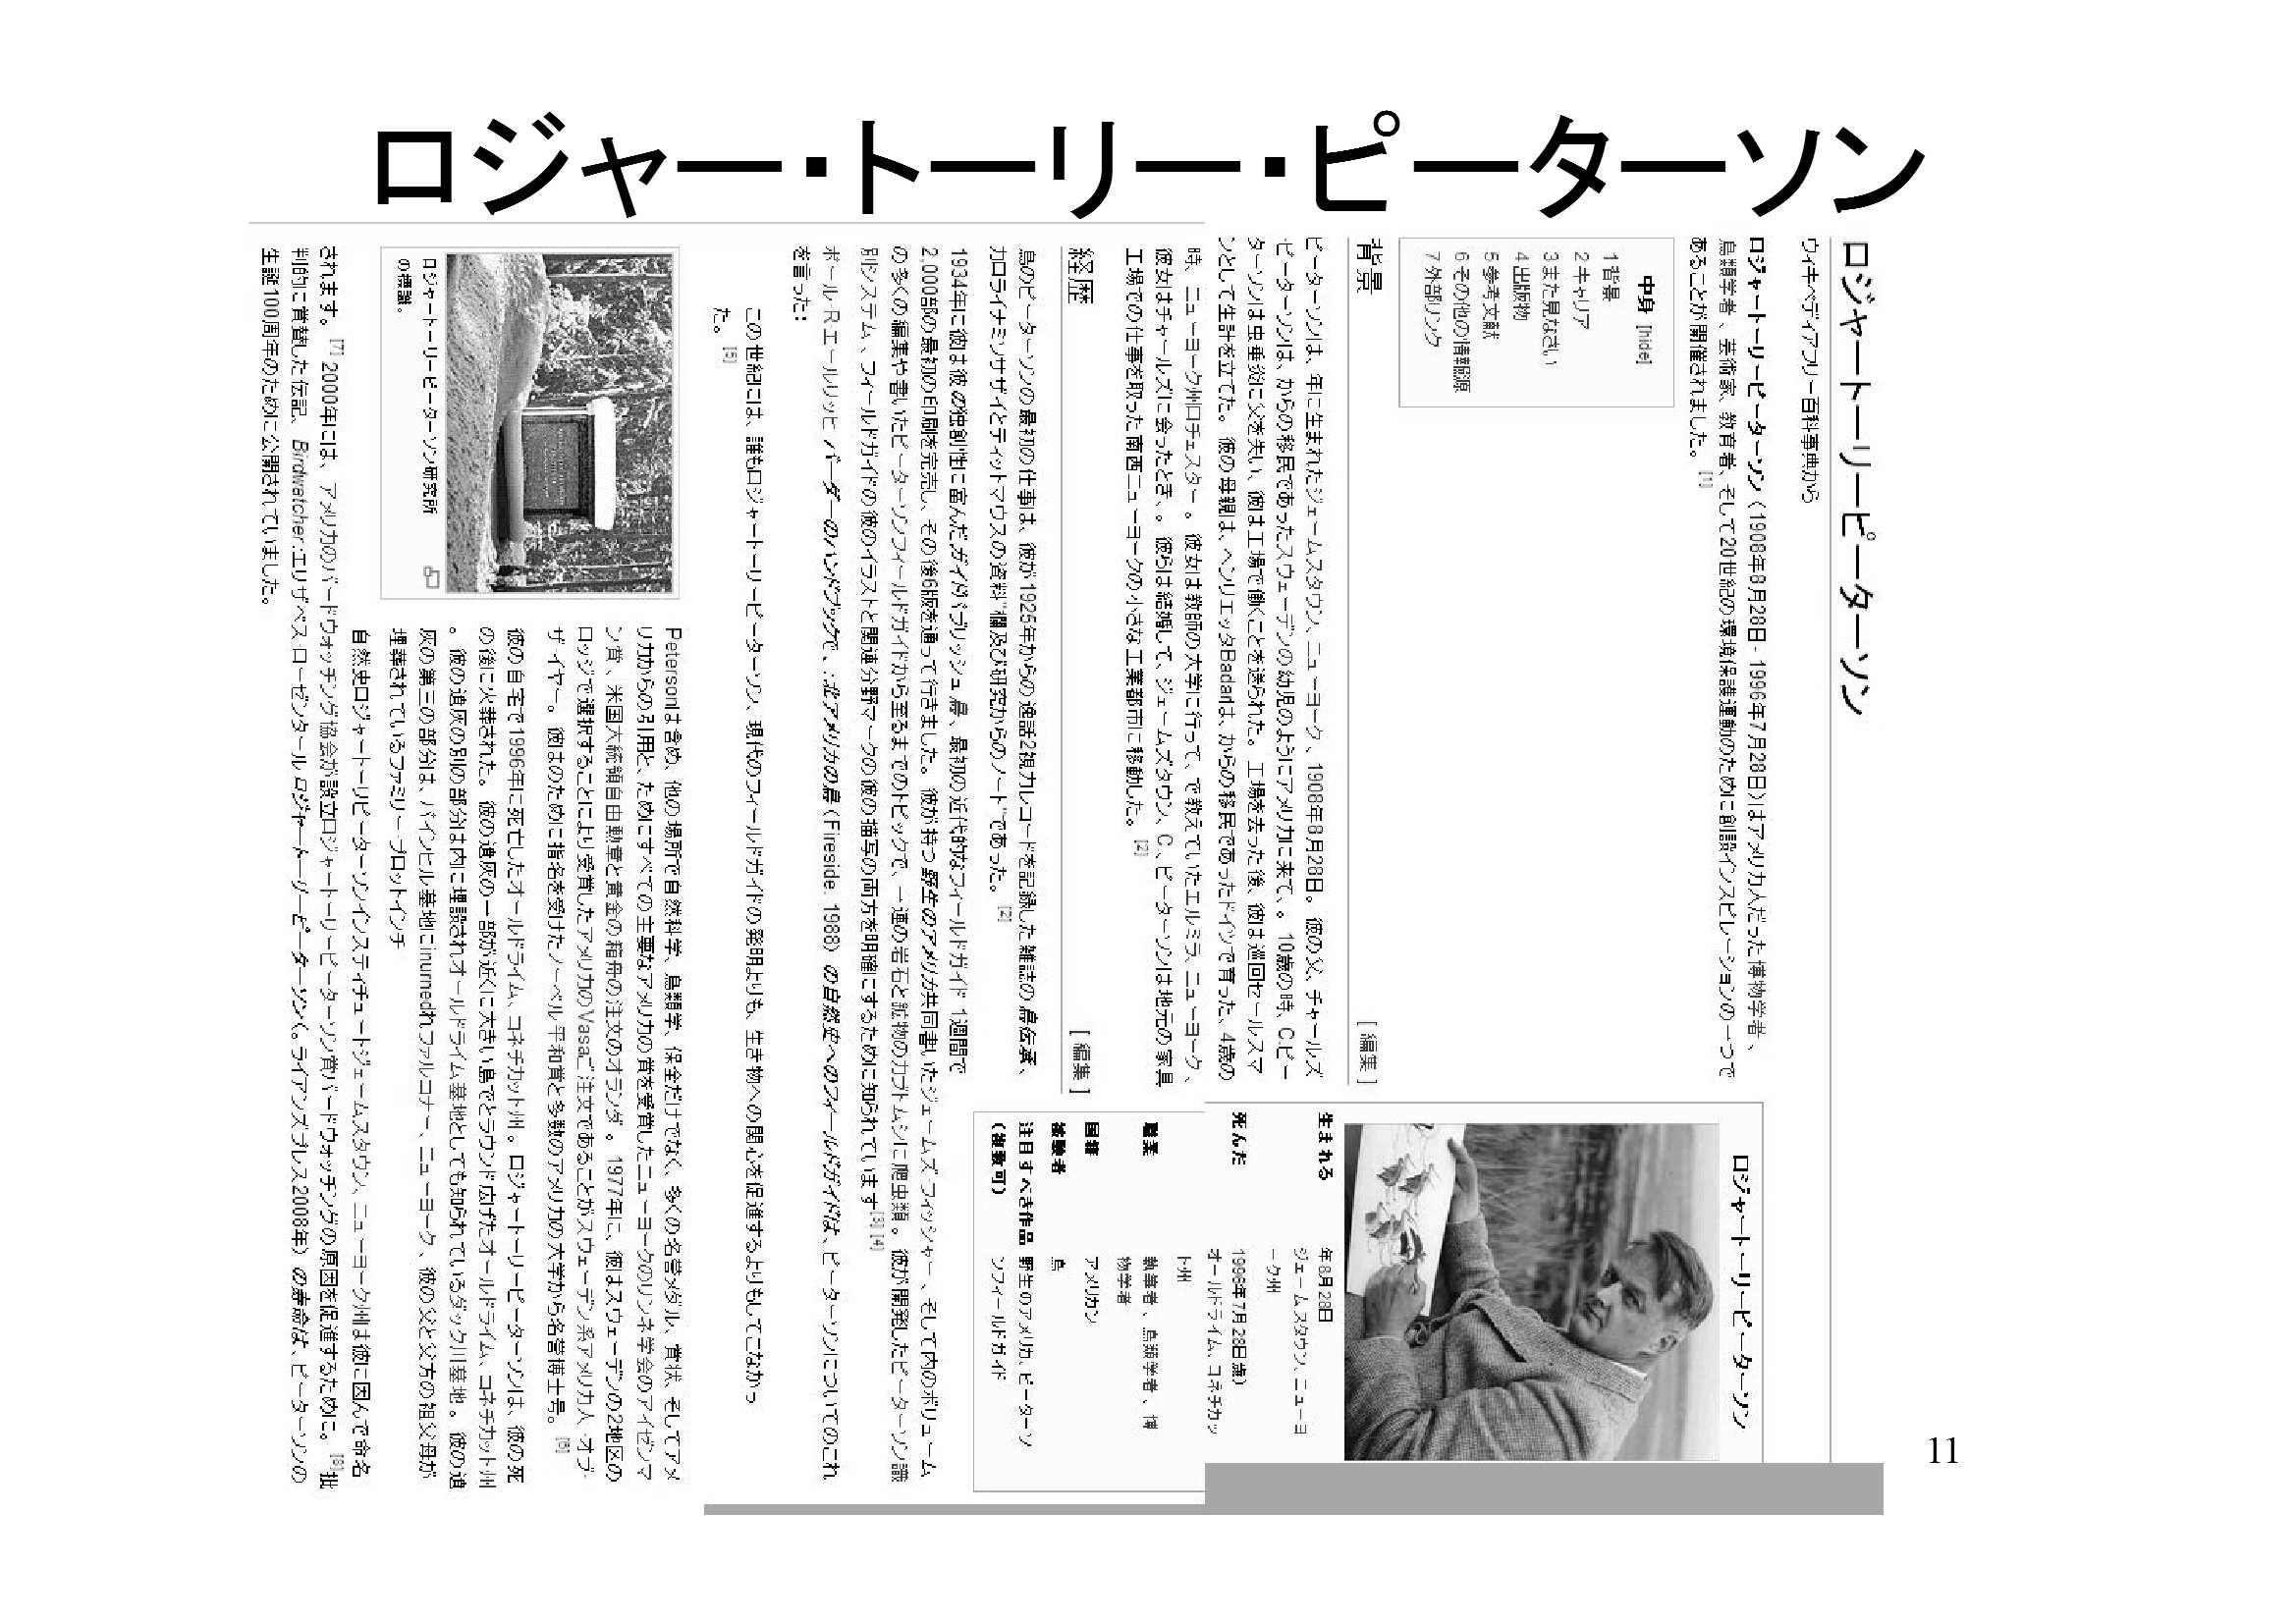 5鷹の道 [互換モード]-11